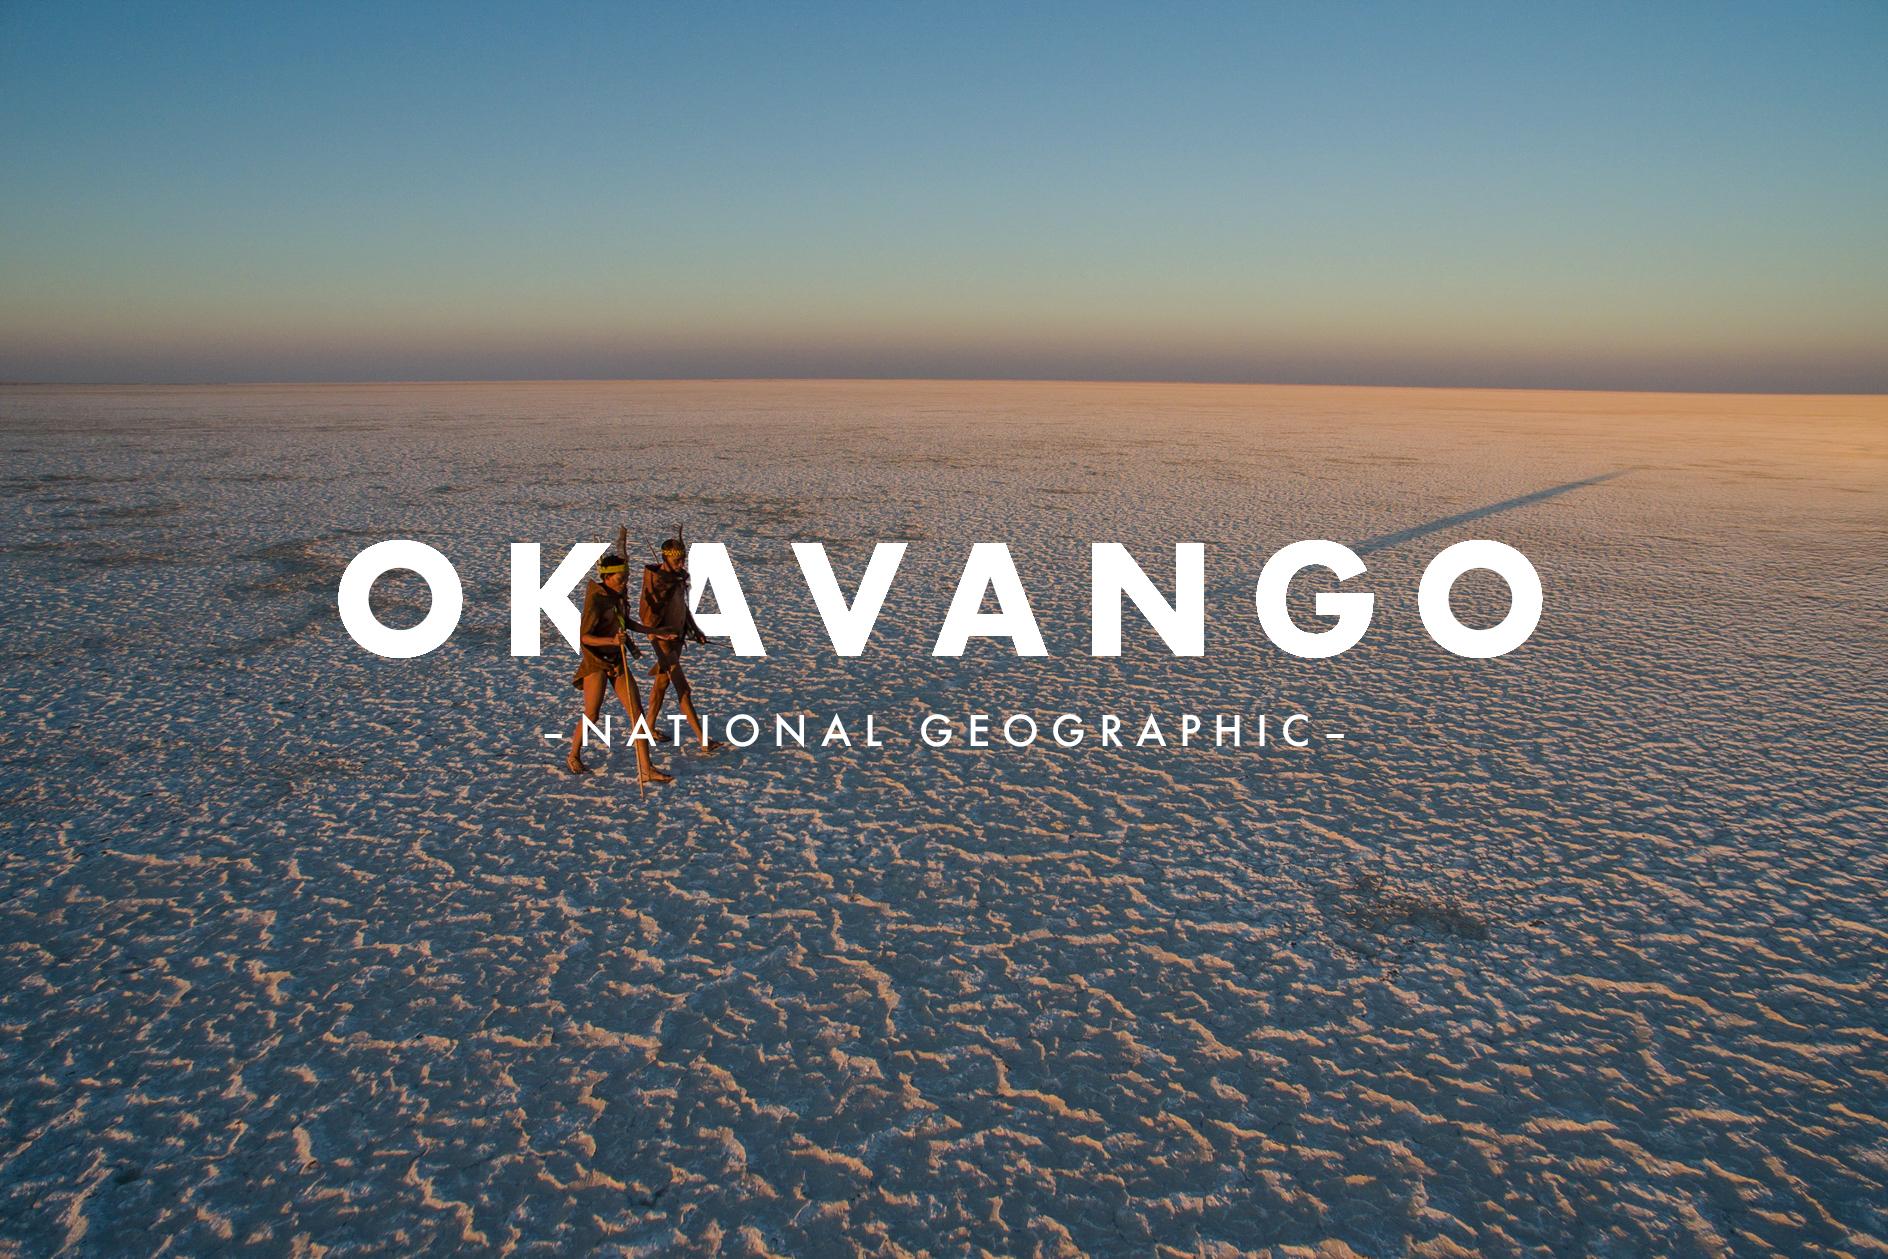 Cory-Richards-Okavango.jpg